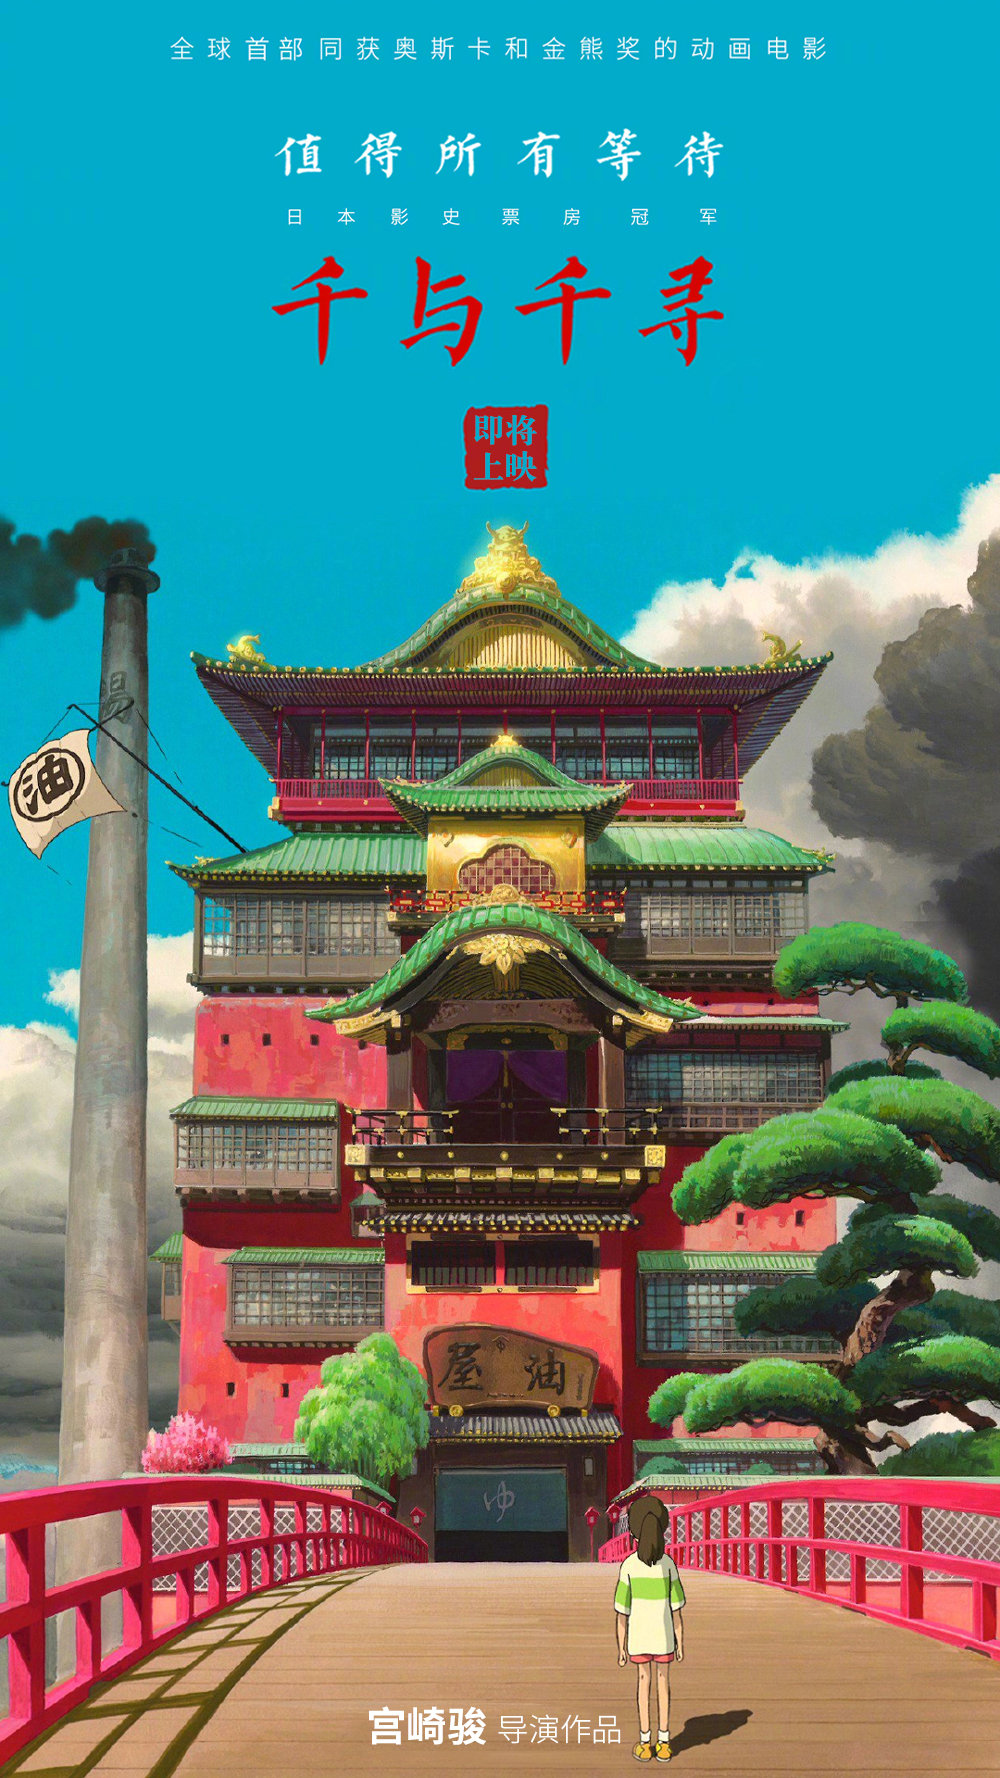 宫崎骏电影《千与千寻》6月21日上映,中文配音预告公开